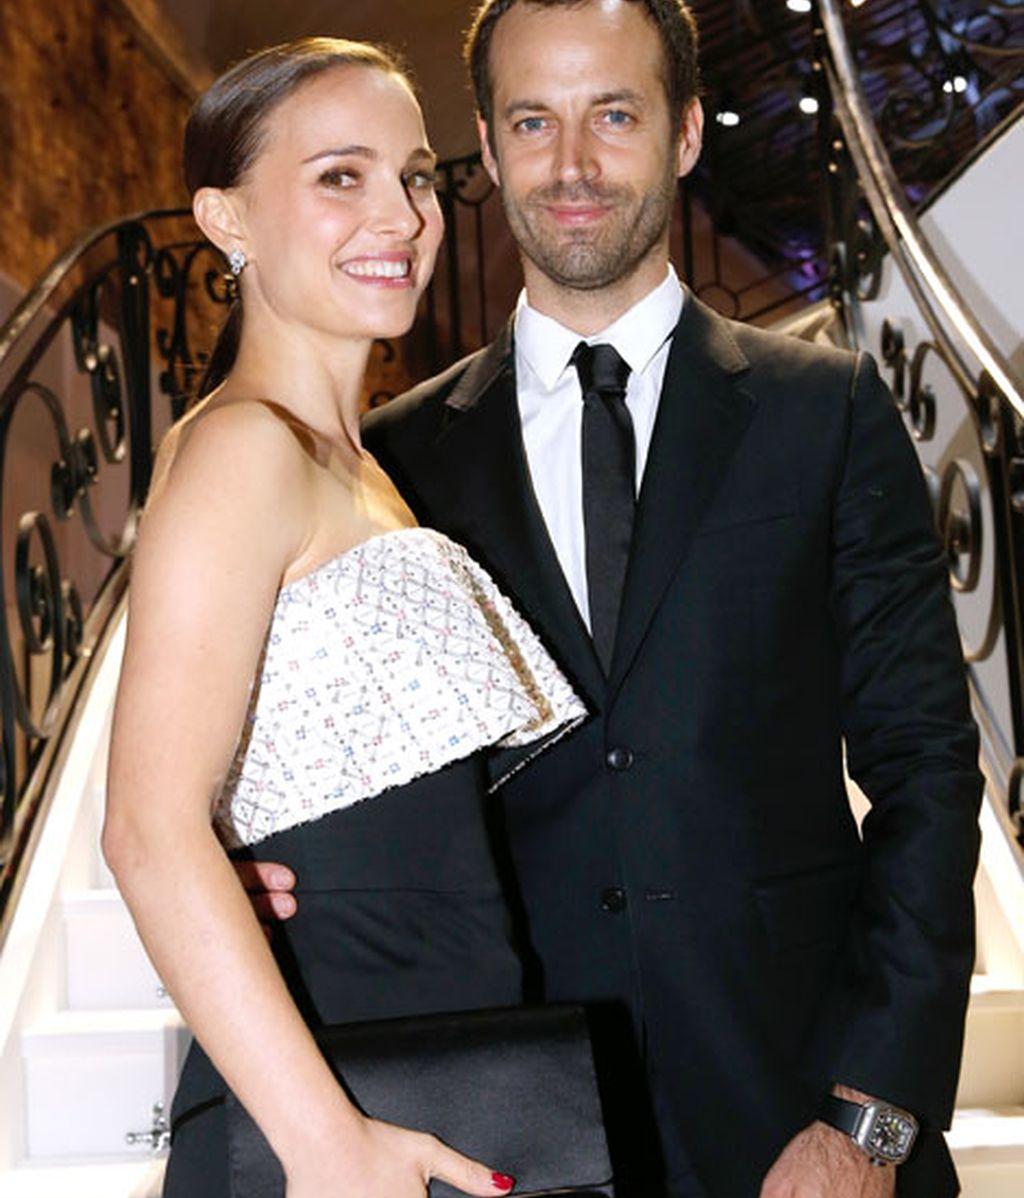 Natalie Portman acudió acompañada por su marido, Benjamin Millepied